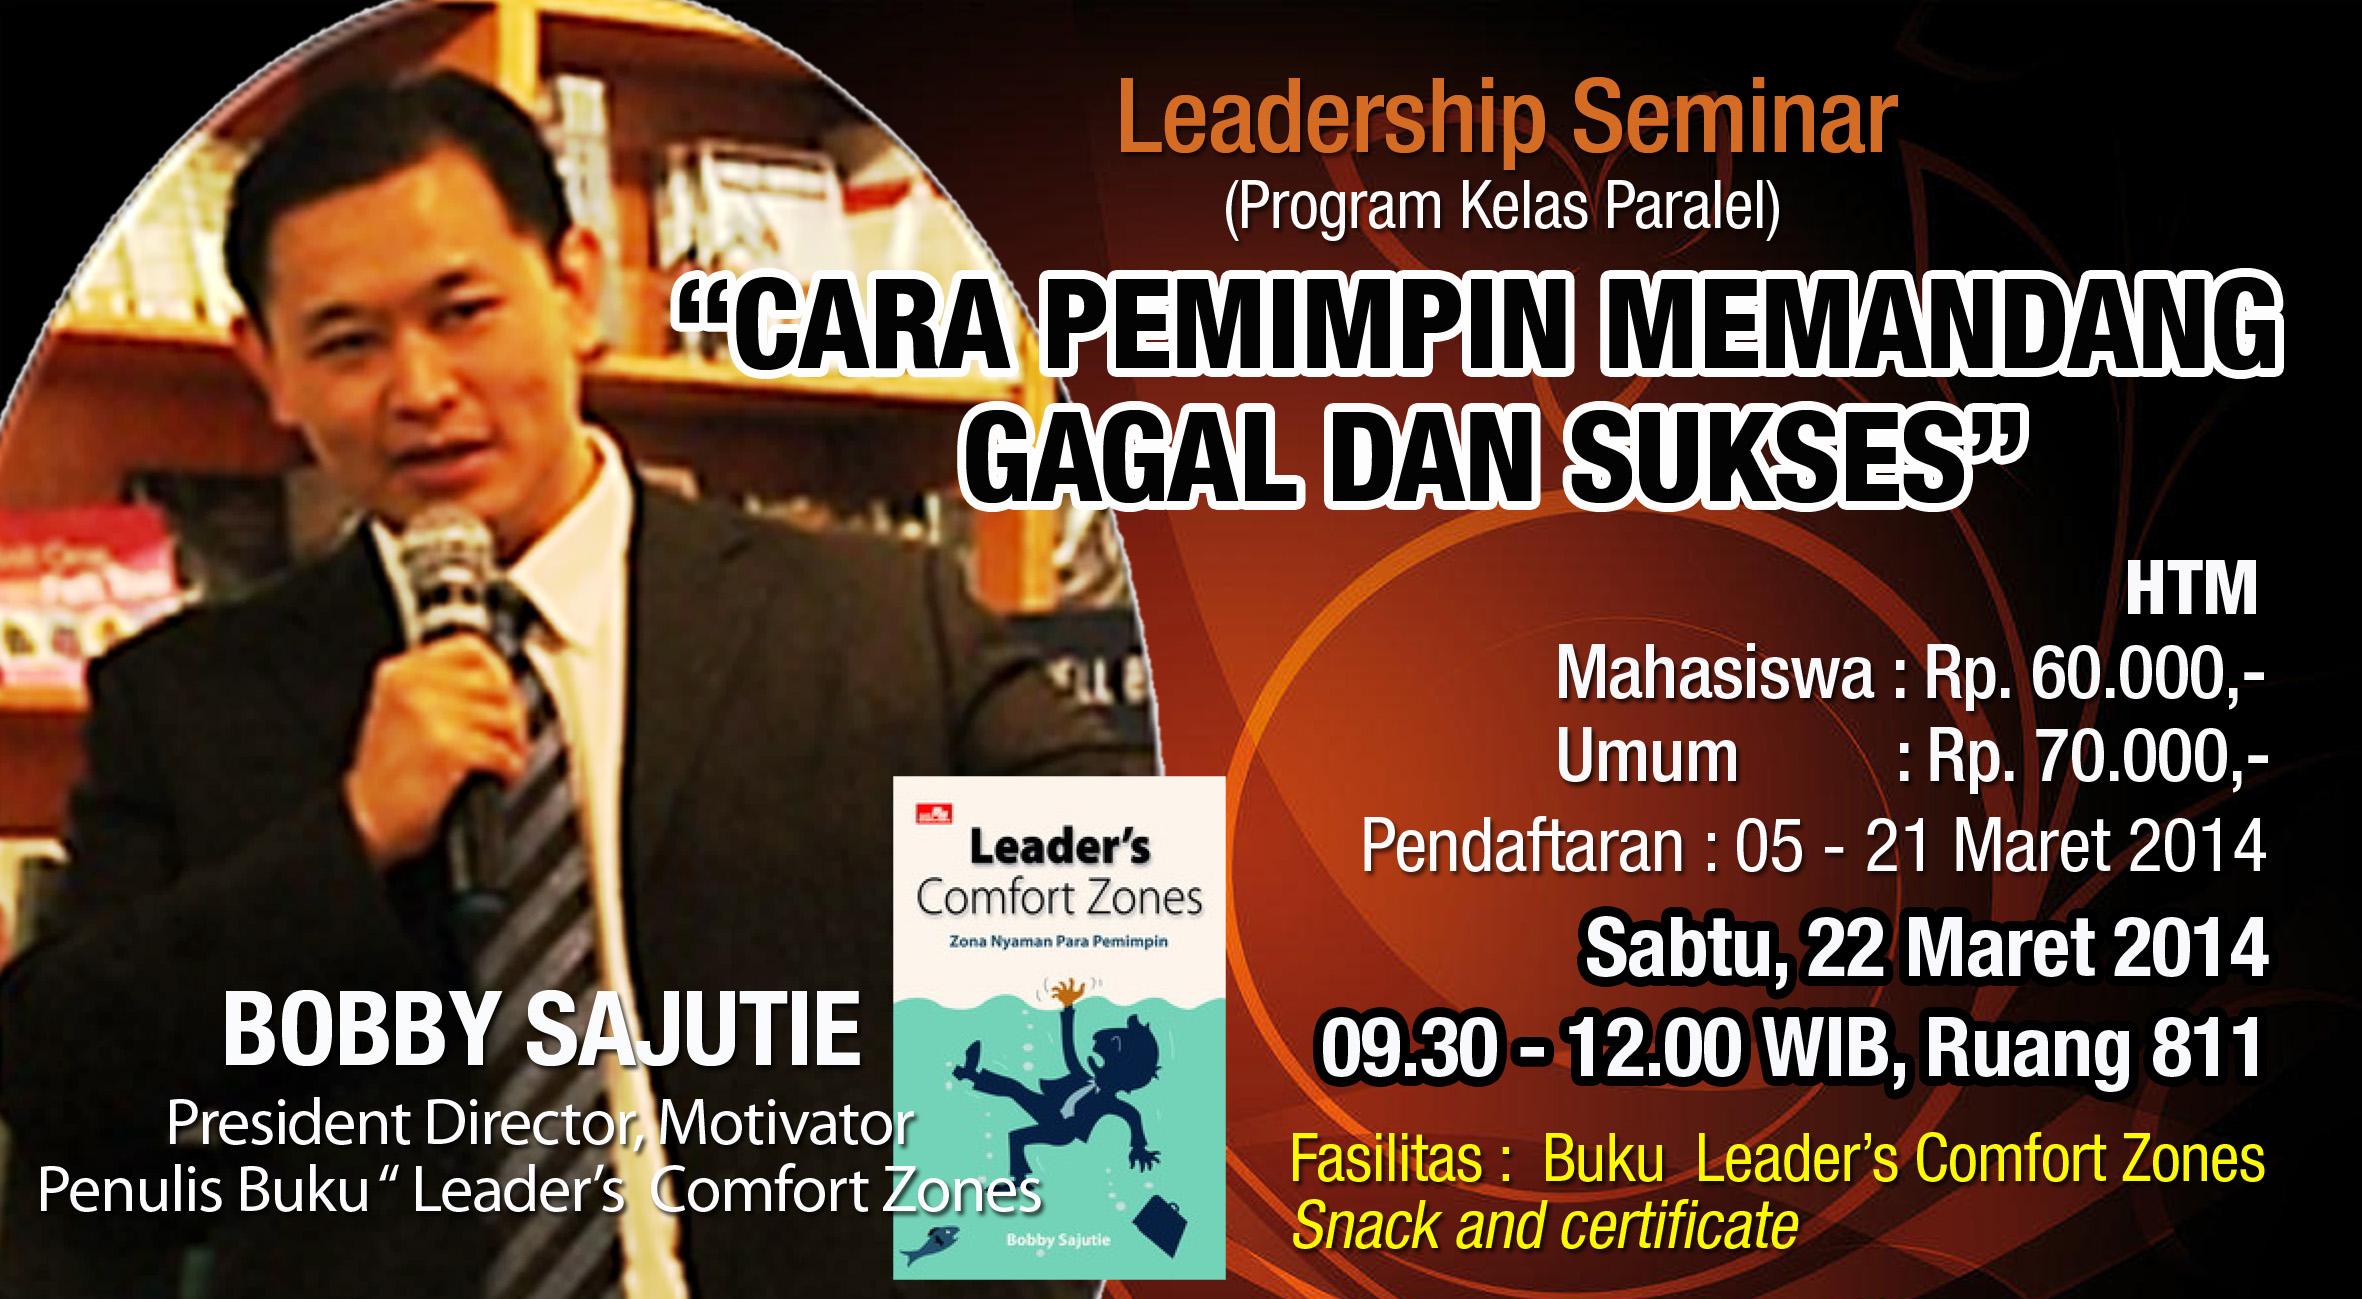 """Universitas Esa Unggul menyelenggarakan Seminar Leadership """" Cara Pemimpin Memandang Sukses dan Gagal """" untuk Program Kelas Paralel pada Sabtu, 22 Maret 2014"""